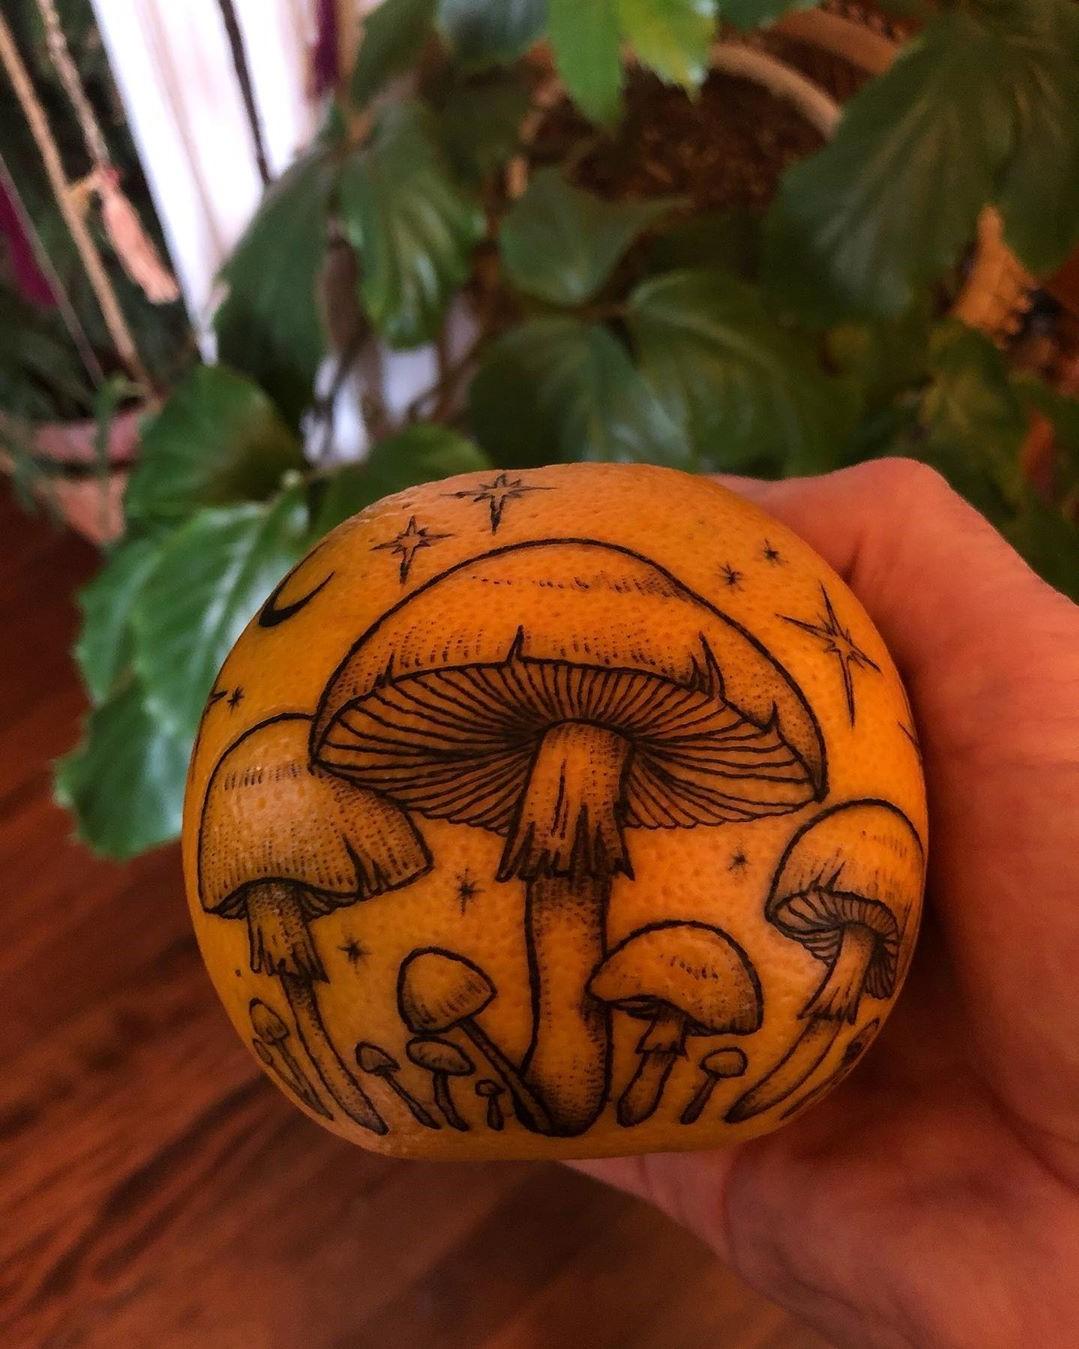 رقم 1    هل تحبير البرتقال اتجاه جديد لفن الوشم؟     التوت الدماغ